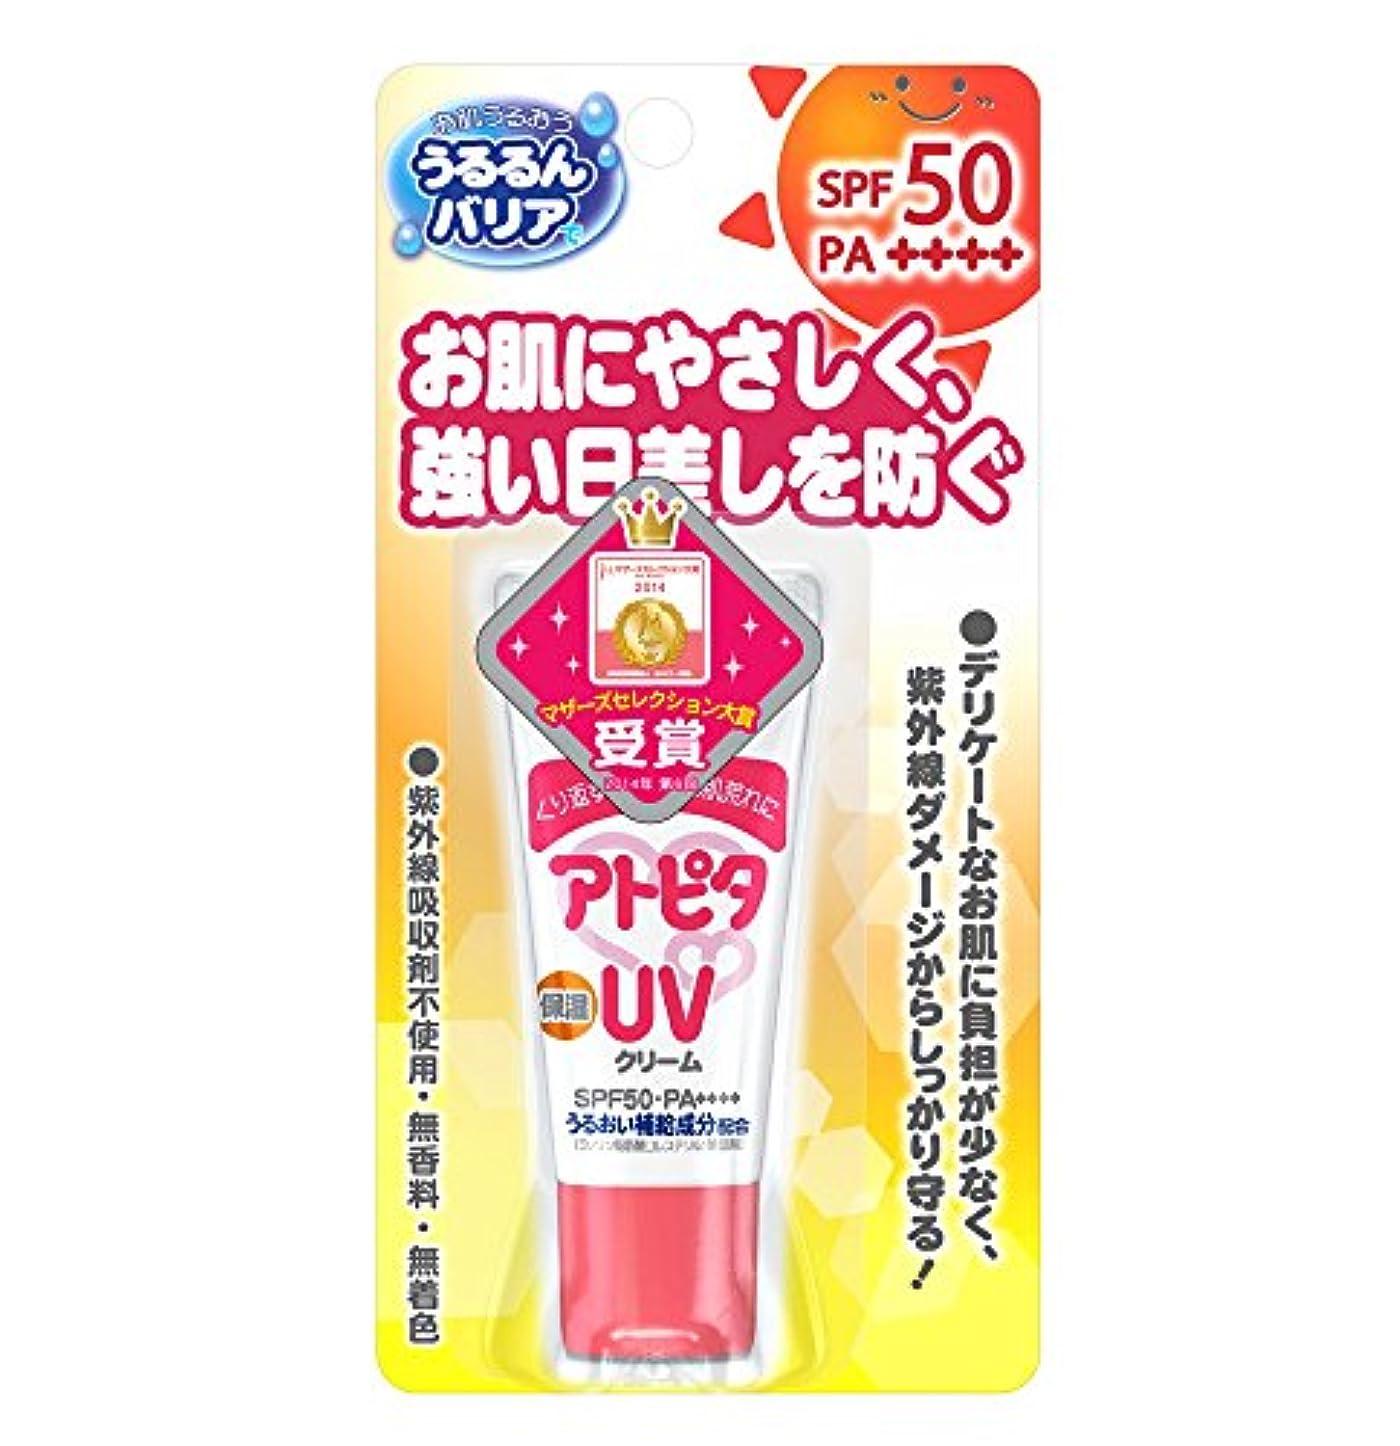 対話飢饉賞賛するアトピタ 保湿 UVクリーム SPF50 PA++++ 20g